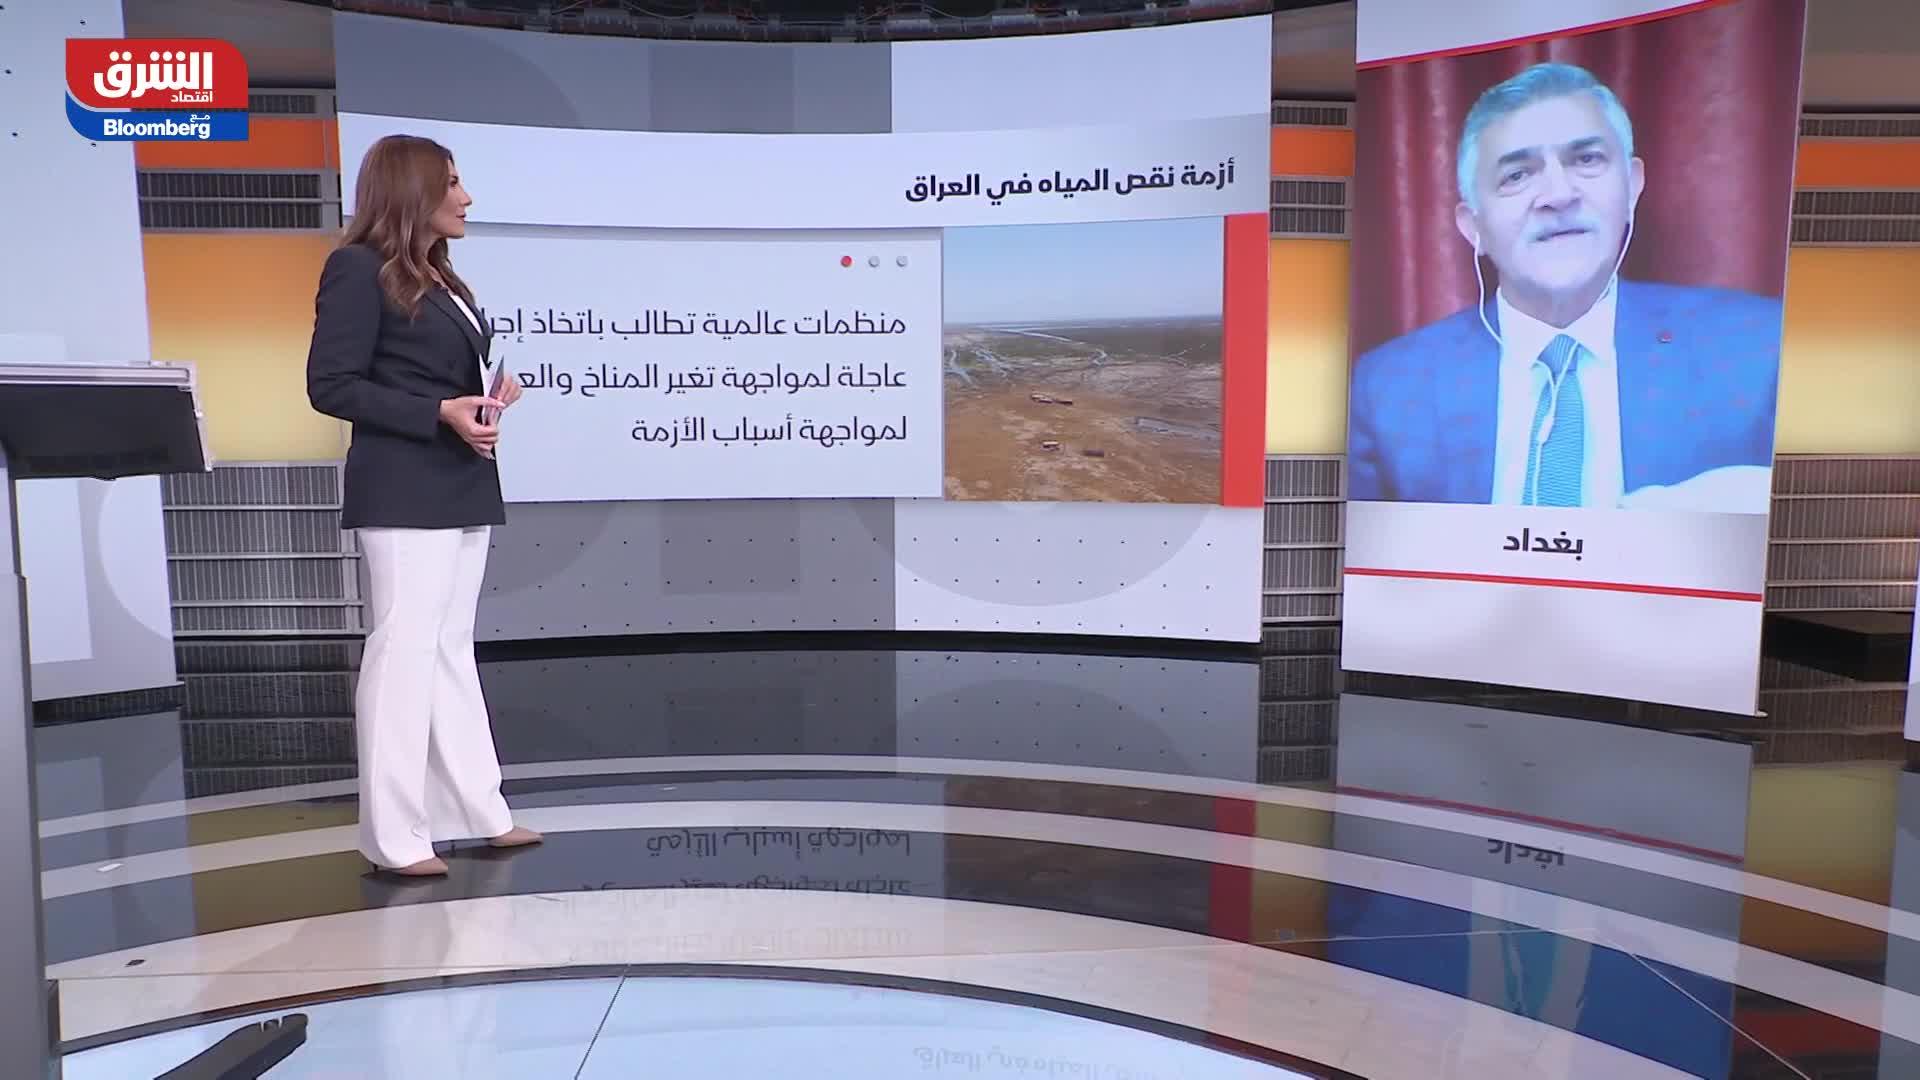 ما هي الإجراءات التي يمكن اتخاذها لمعالجة نقص المياه في العراق؟